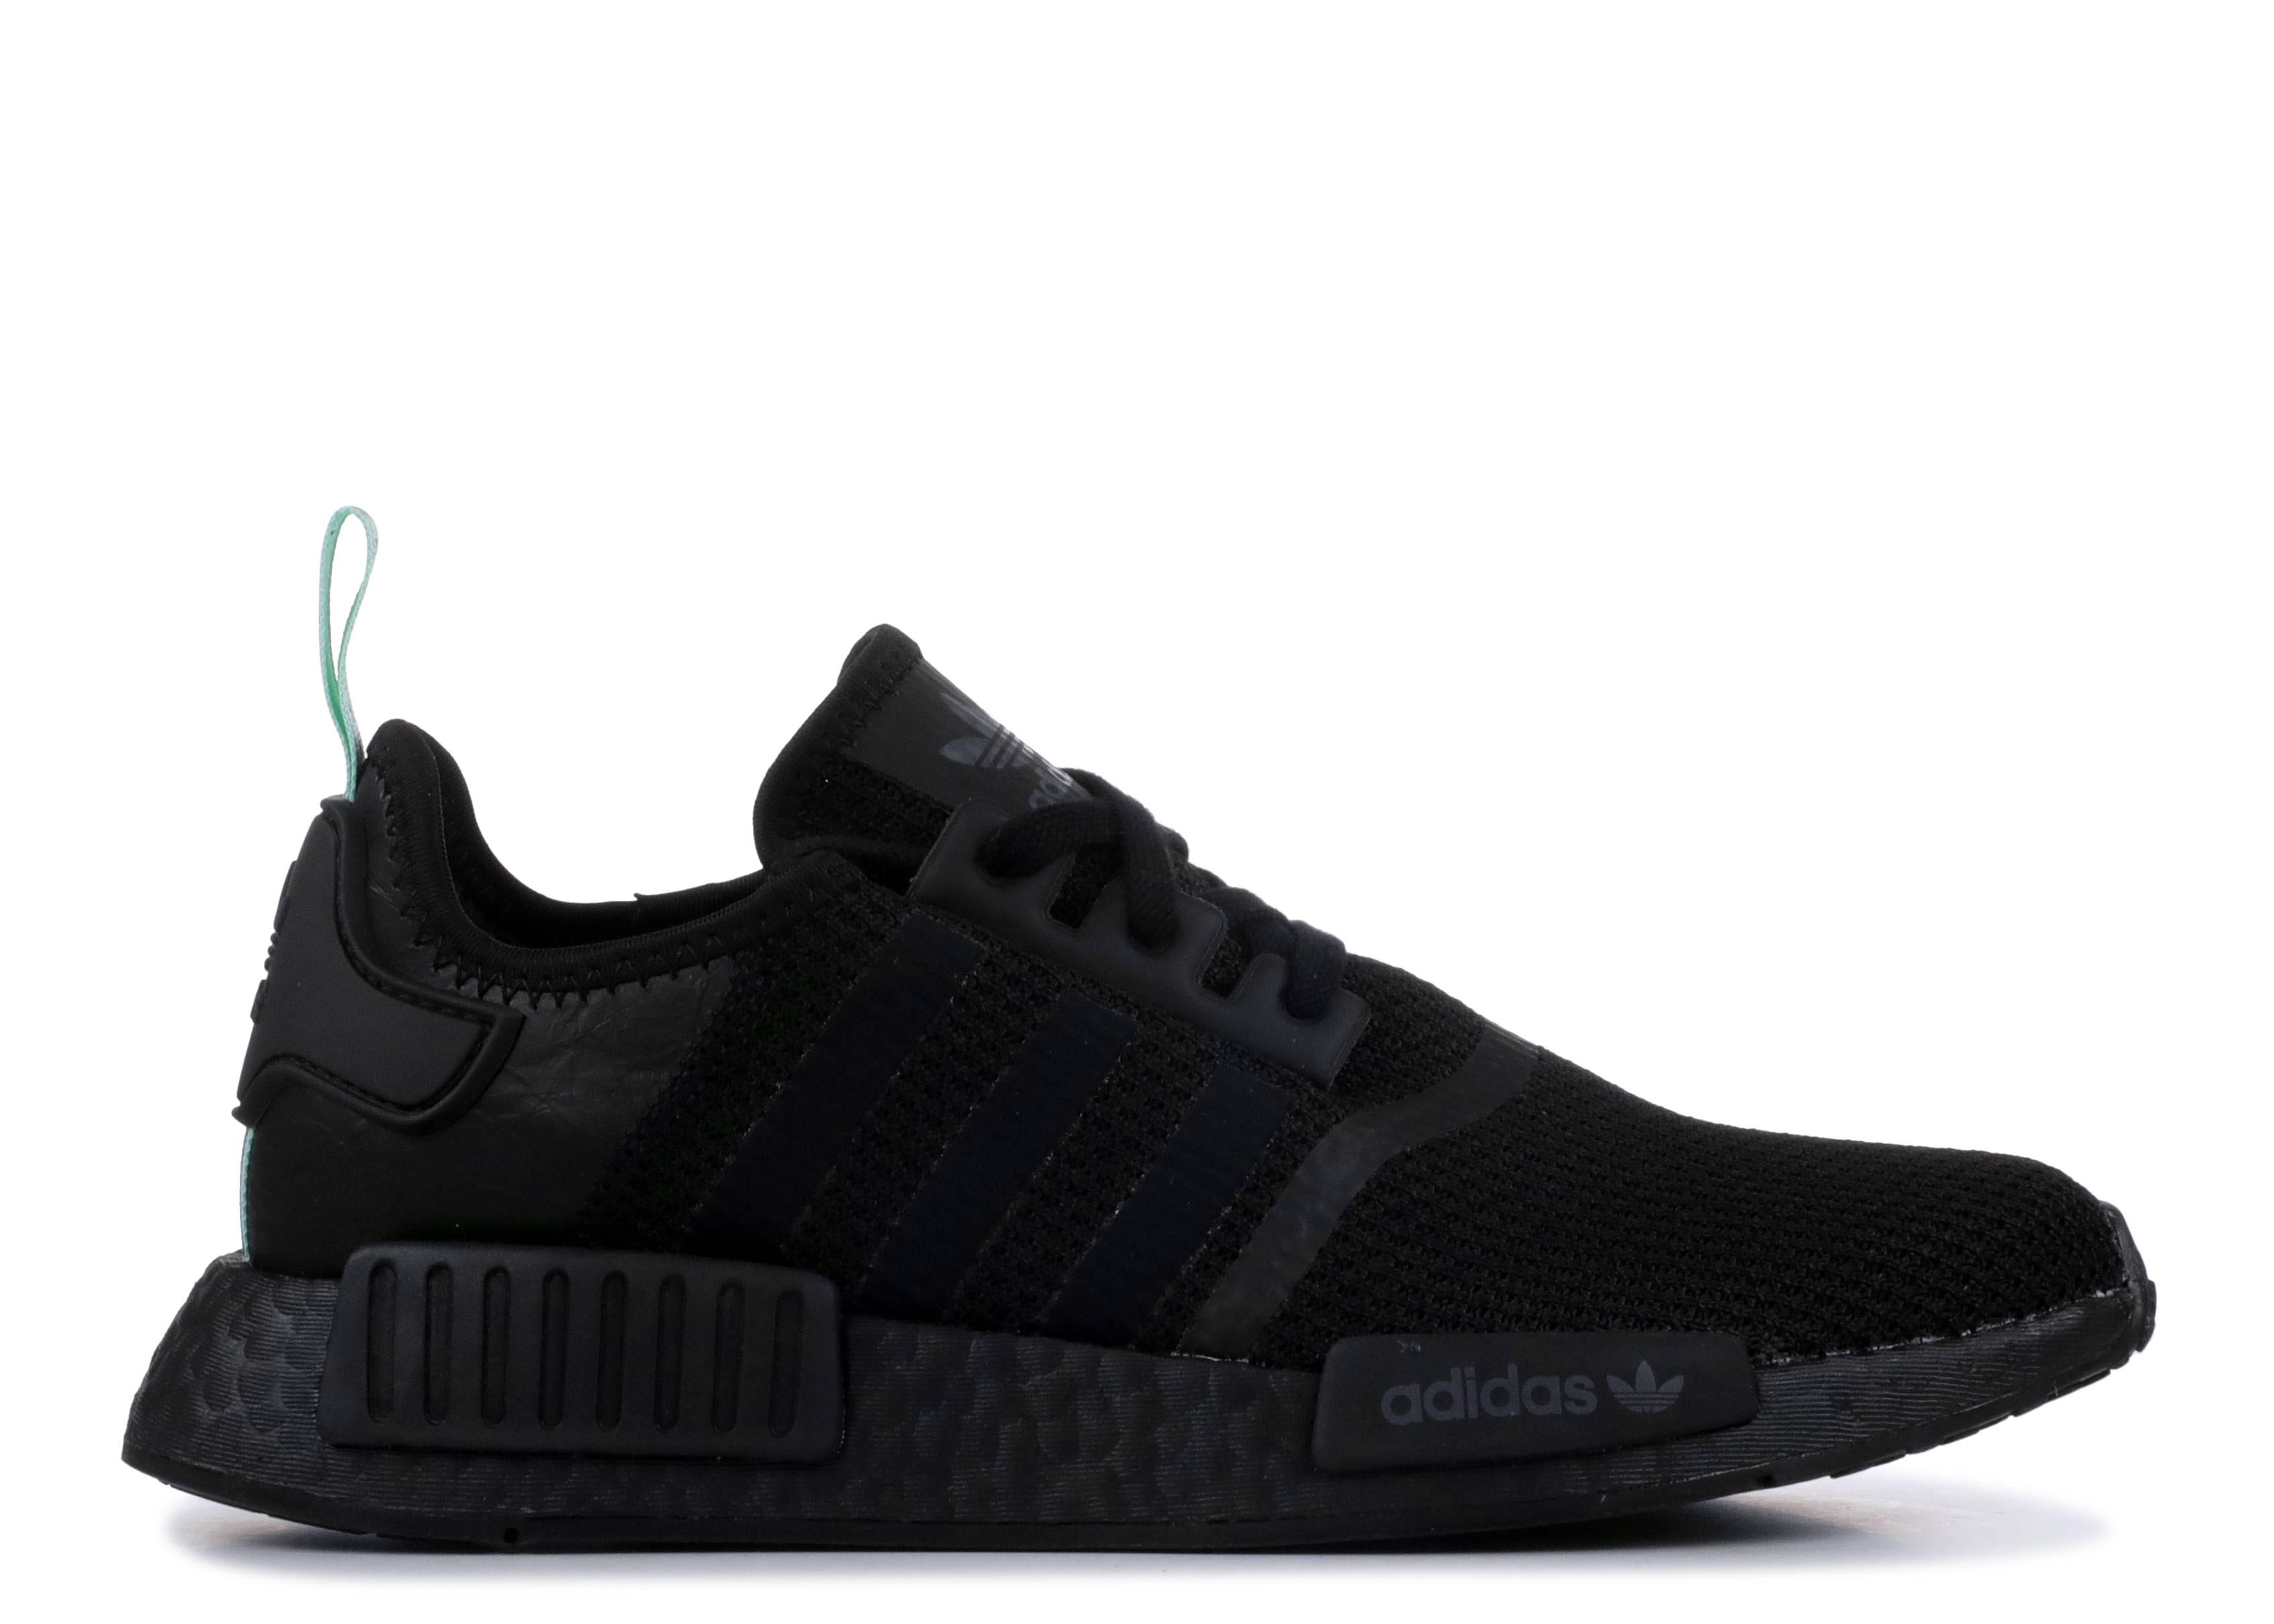 Nmd R1 W - Adidas - aq1102 - black mint green  6f09a7cb5